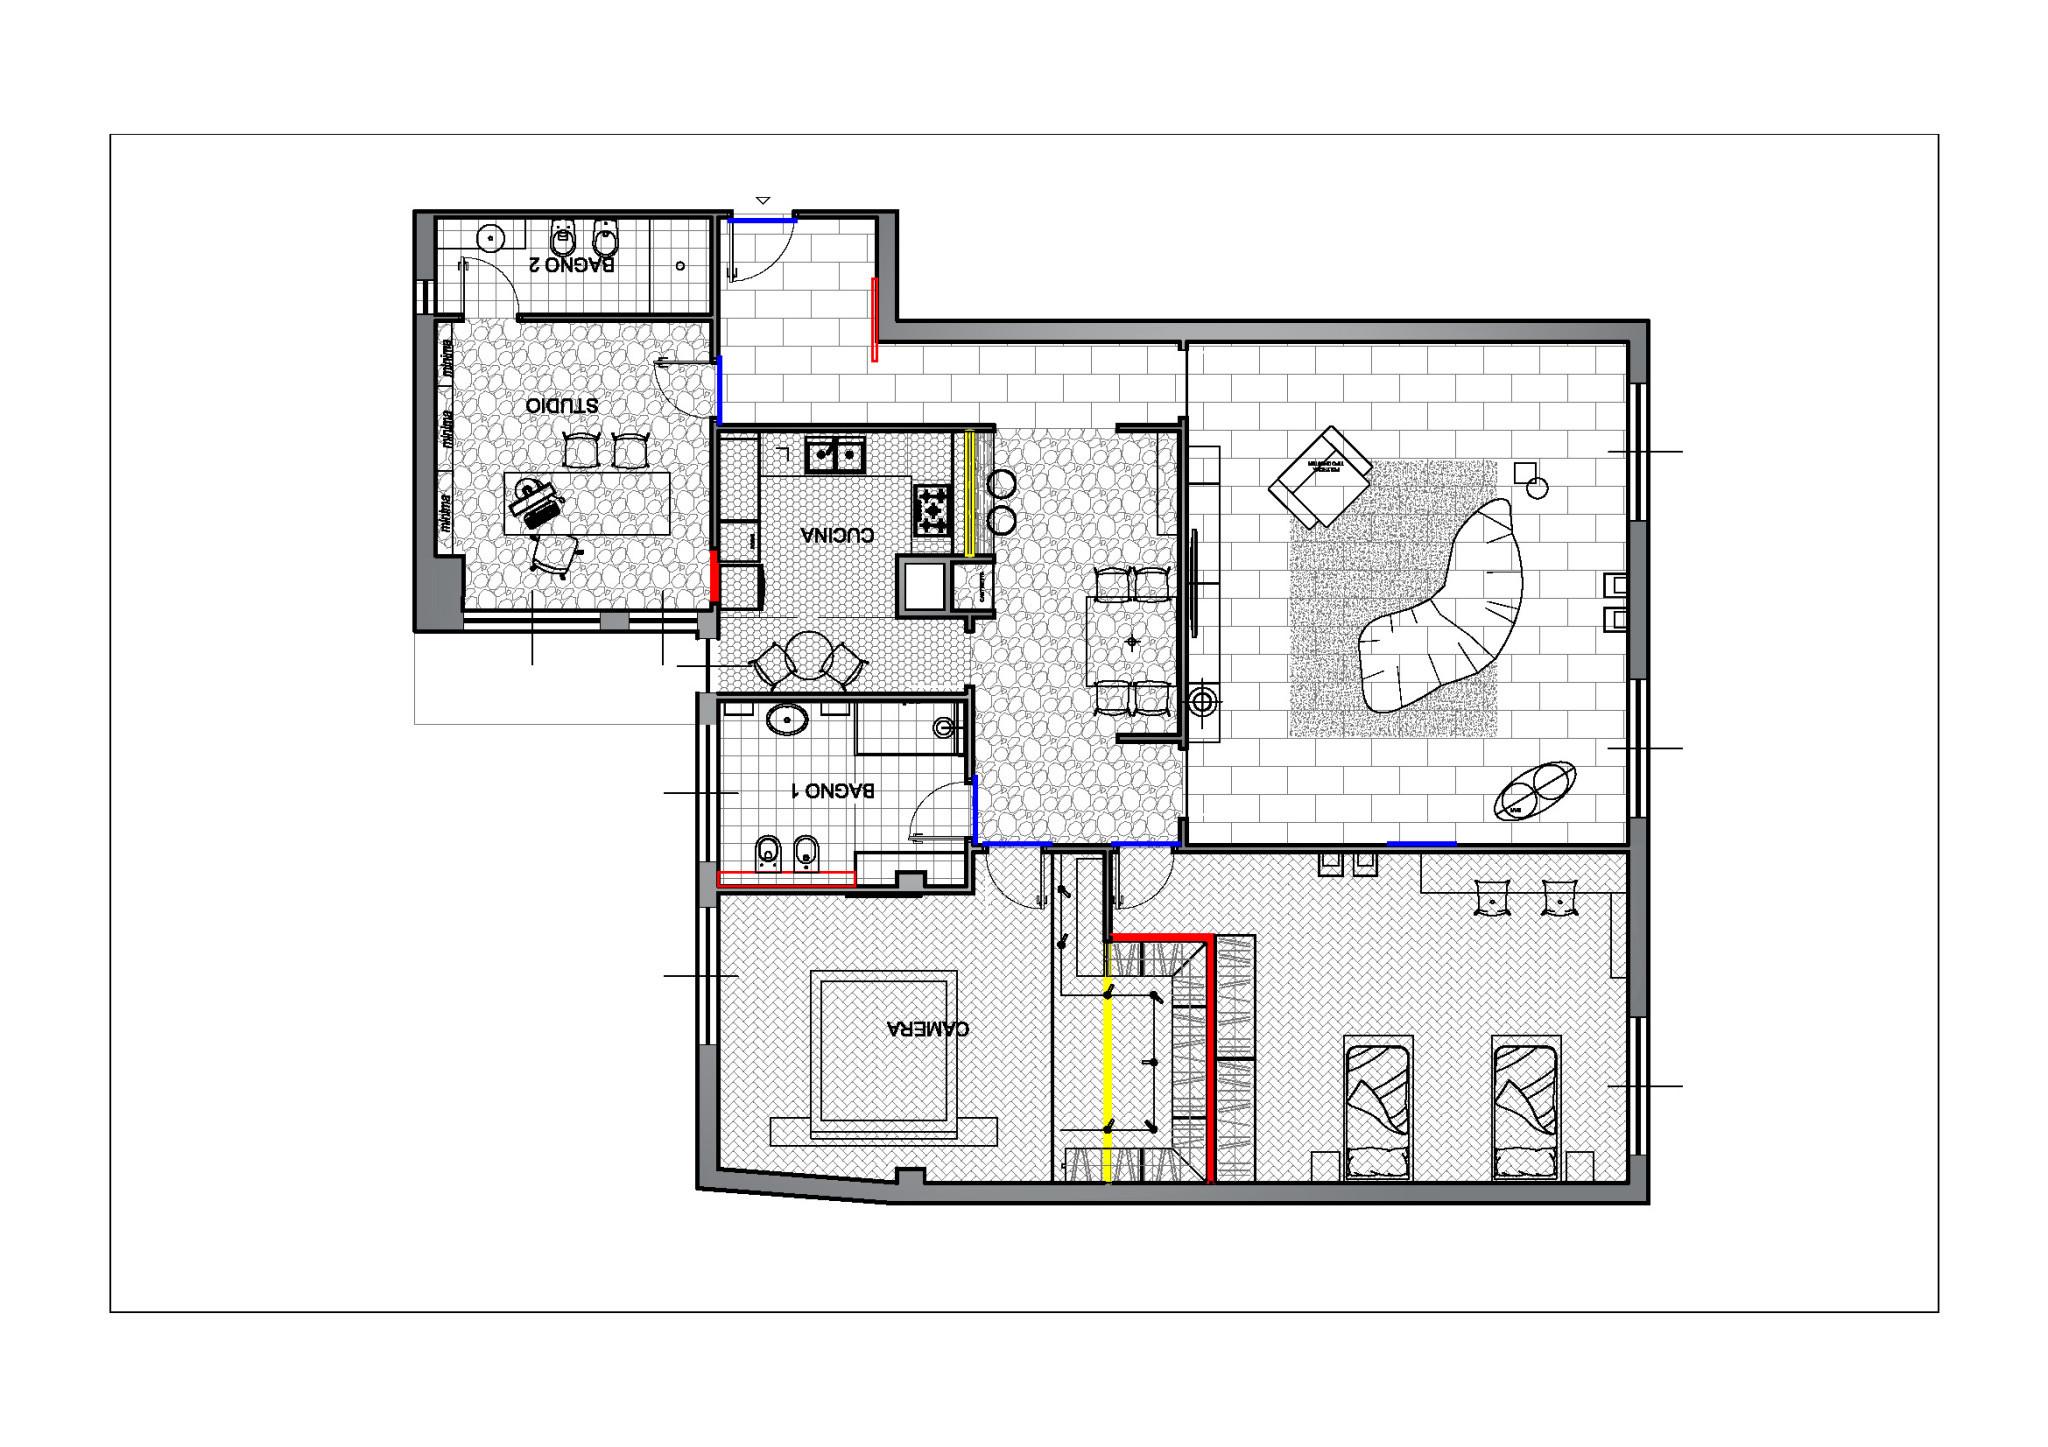 Come ristrutturare casa 2 progetti da copiare artheco for Software per ristrutturare casa